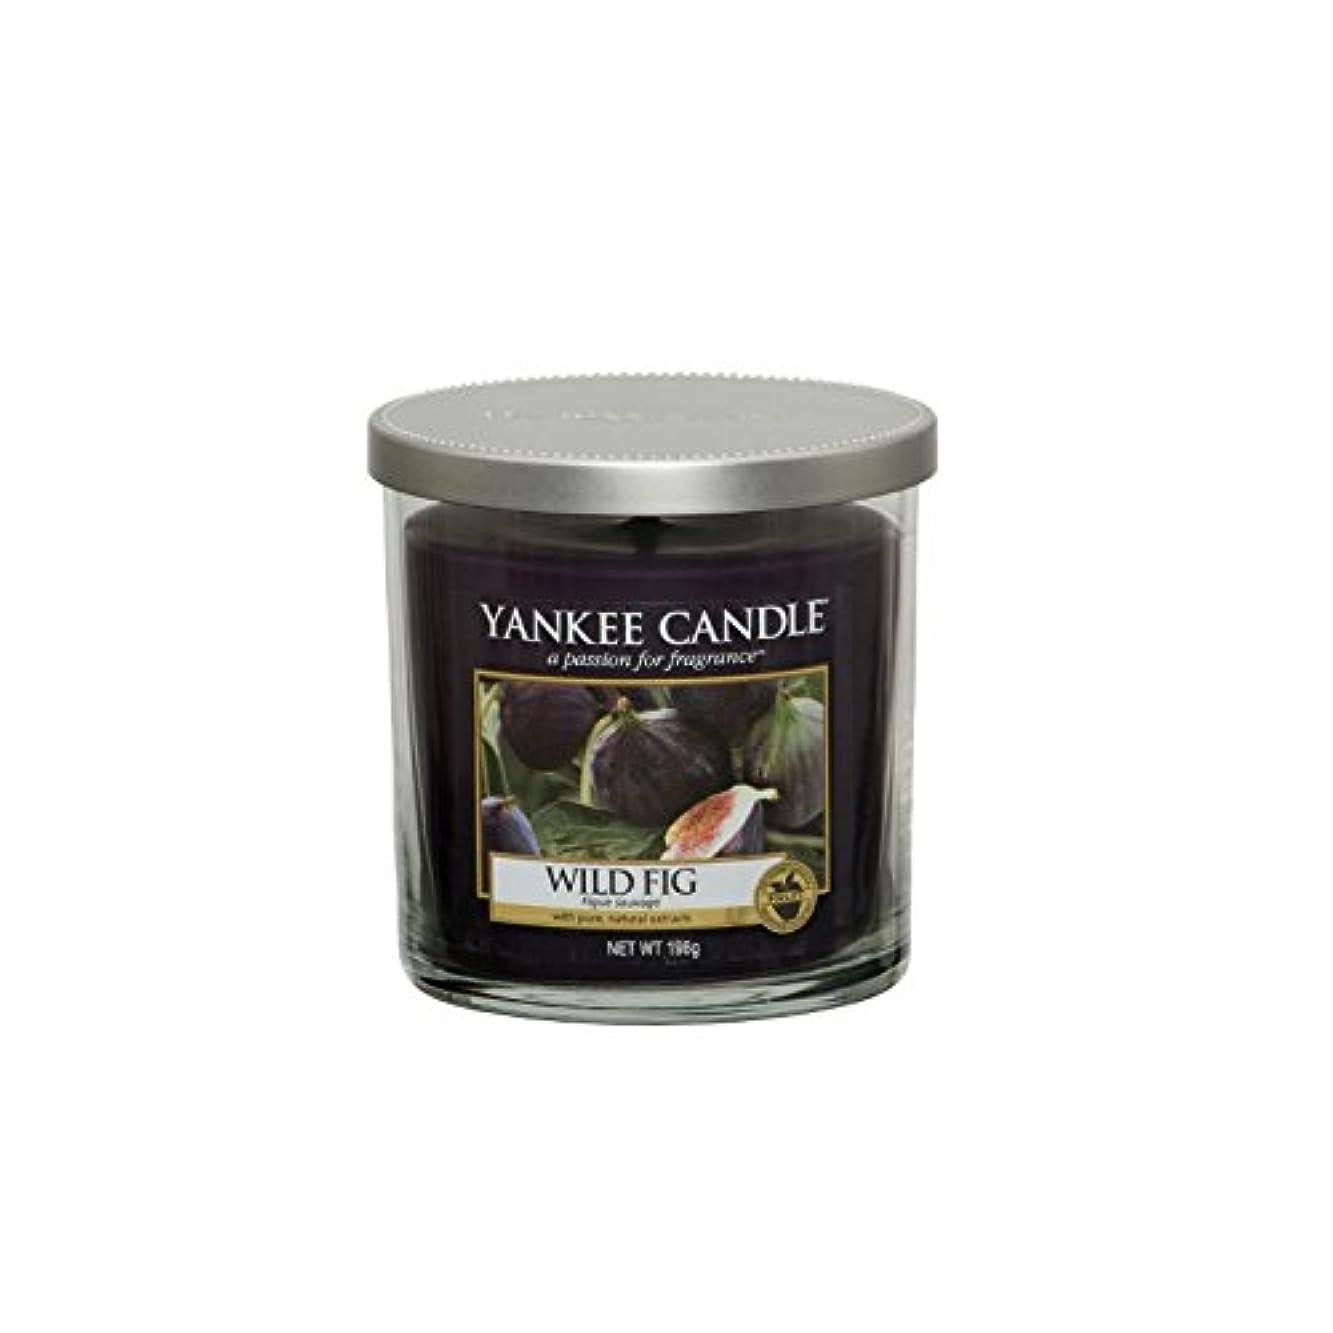 石膏安全フルーツ野菜ヤンキーキャンドルの小さな柱キャンドル - 野生のイチジク - Yankee Candles Small Pillar Candle - Wild Fig (Yankee Candles) [並行輸入品]